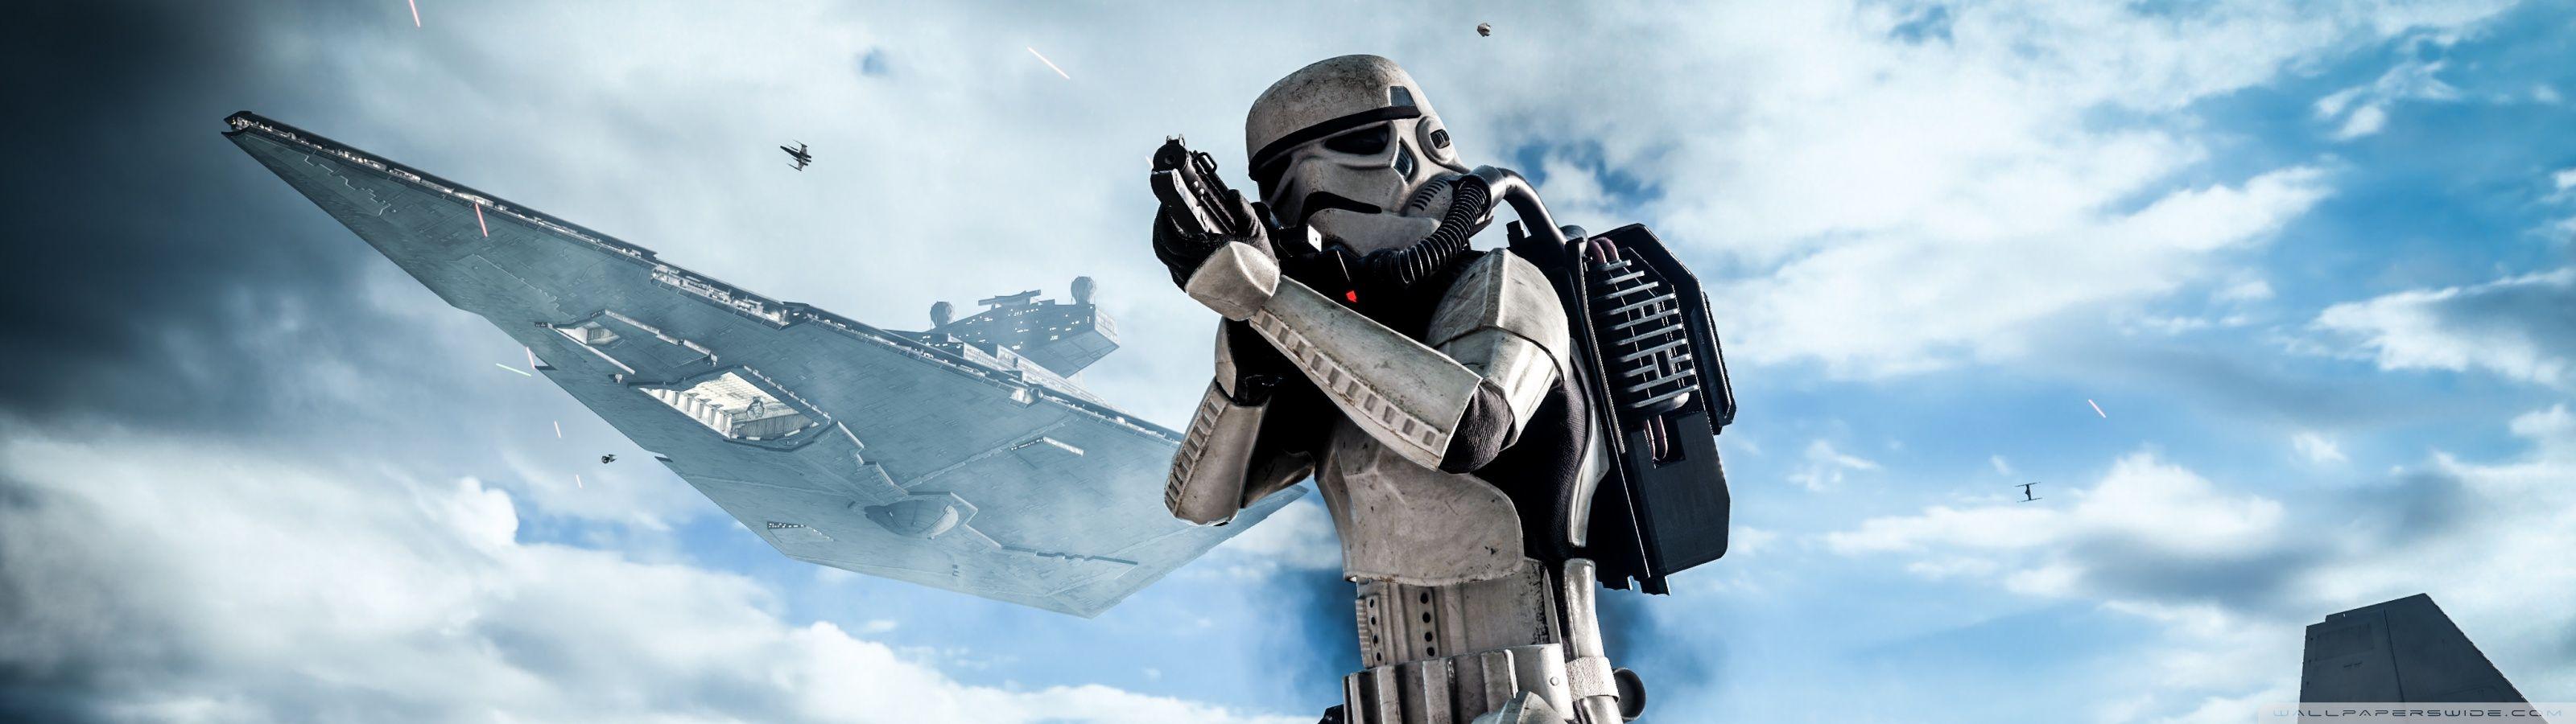 Star Wars Battlefront HD Desktop Wallpaper Widescreen High